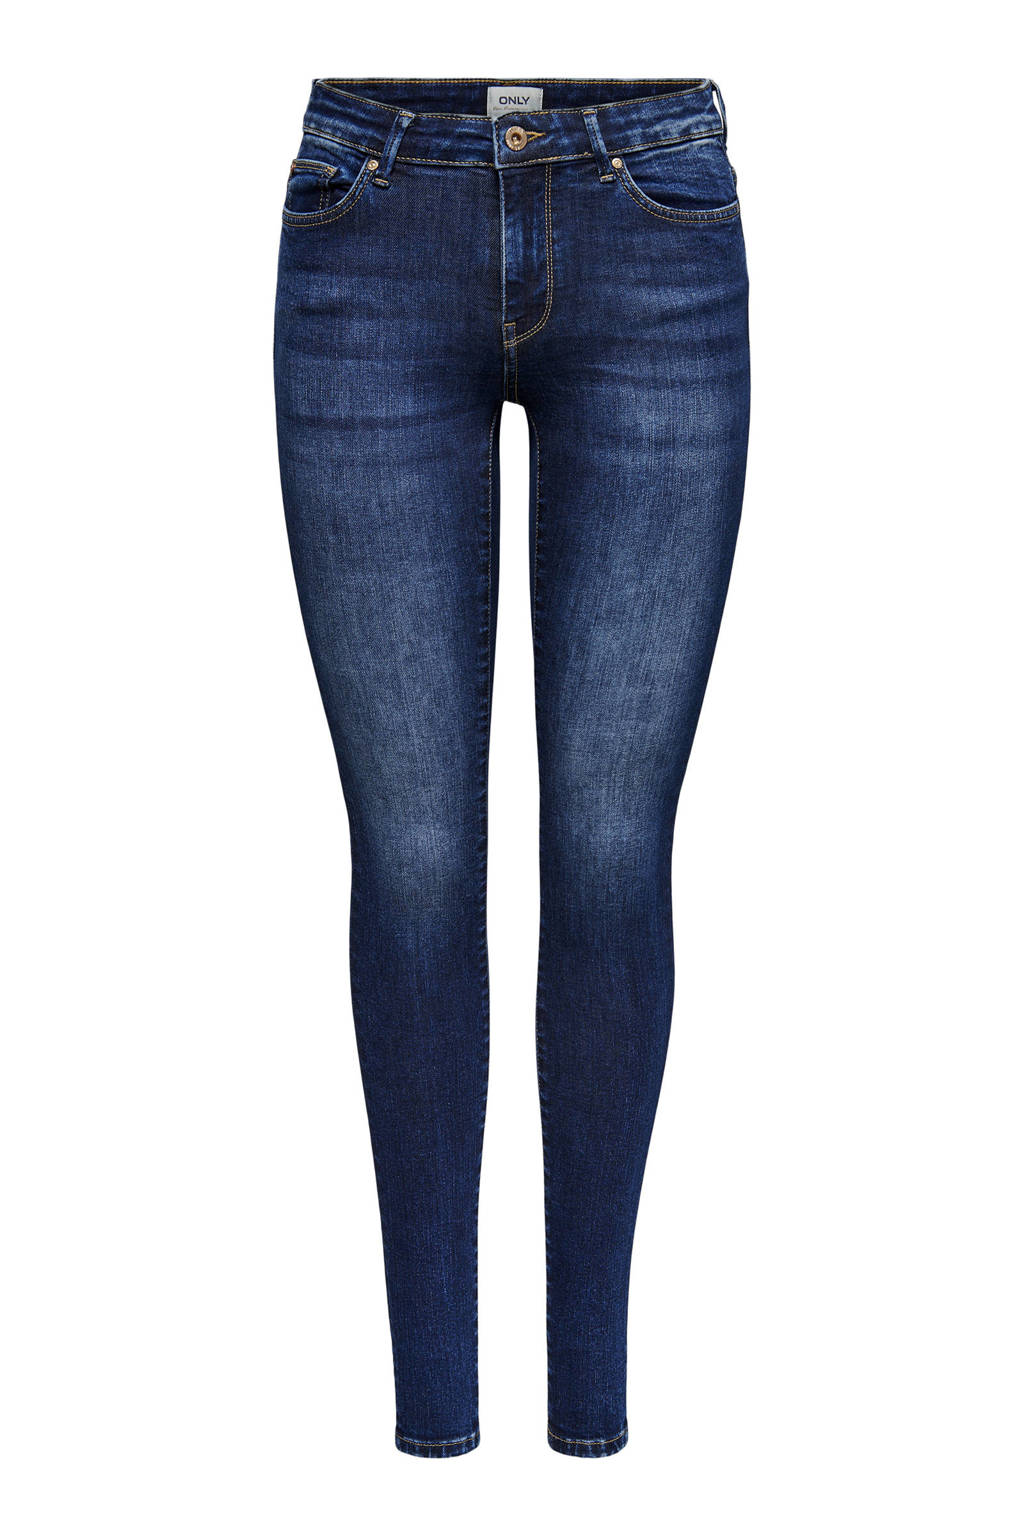 ONLY skinny jeans ONLCARMEN dark blue denim, Dark blue denim